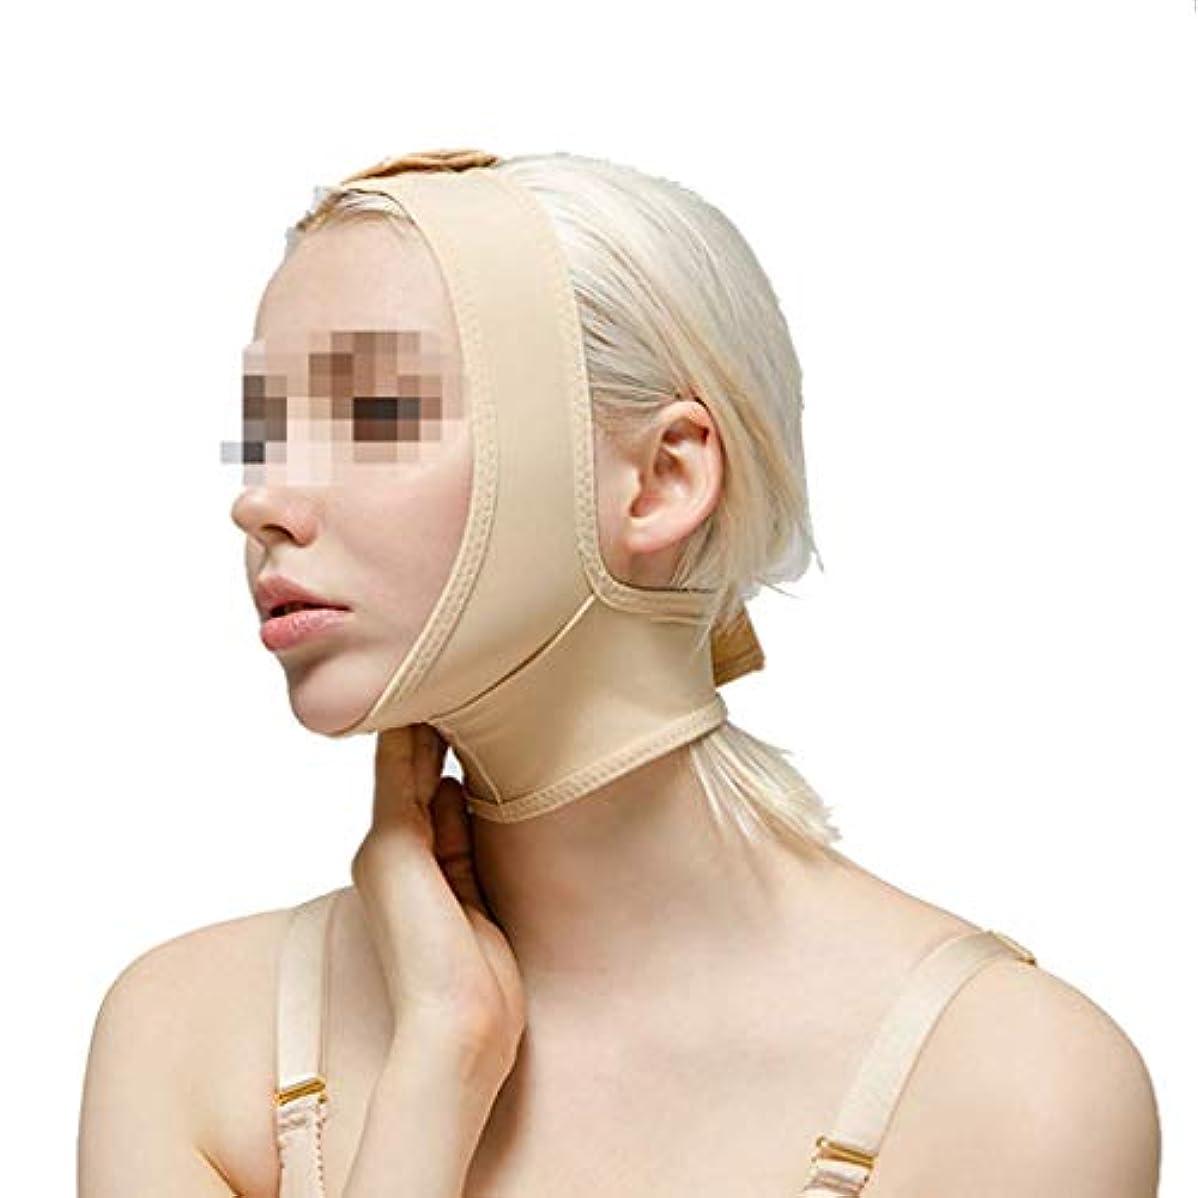 術後伸縮性スリーブ、下顎束フェイスバンデージフェイシャルビームダブルチンシンフェイスマスクマルチサイズオプション(サイズ:L),S